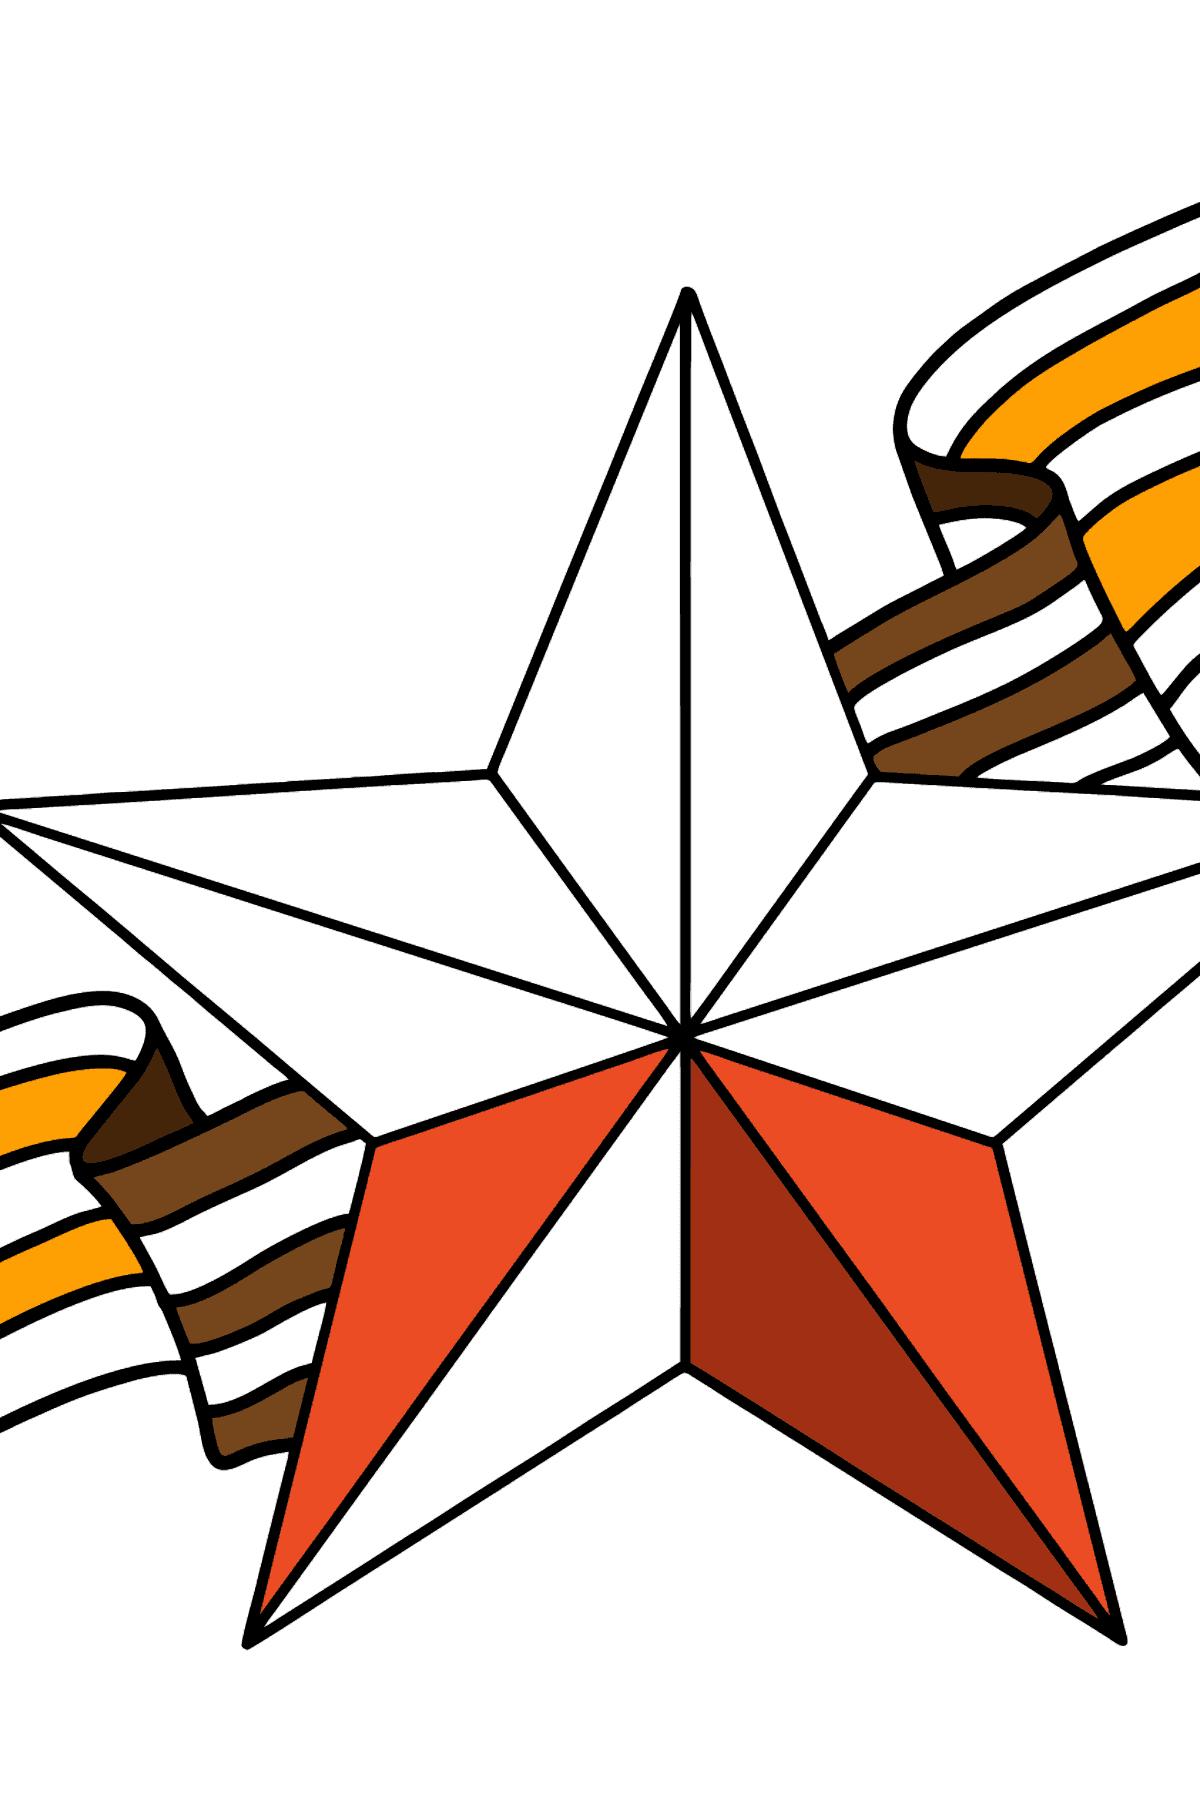 Раскраска к 9 мая - Красная Звезда и Георгиевская ленточка - Раскраски для Детей